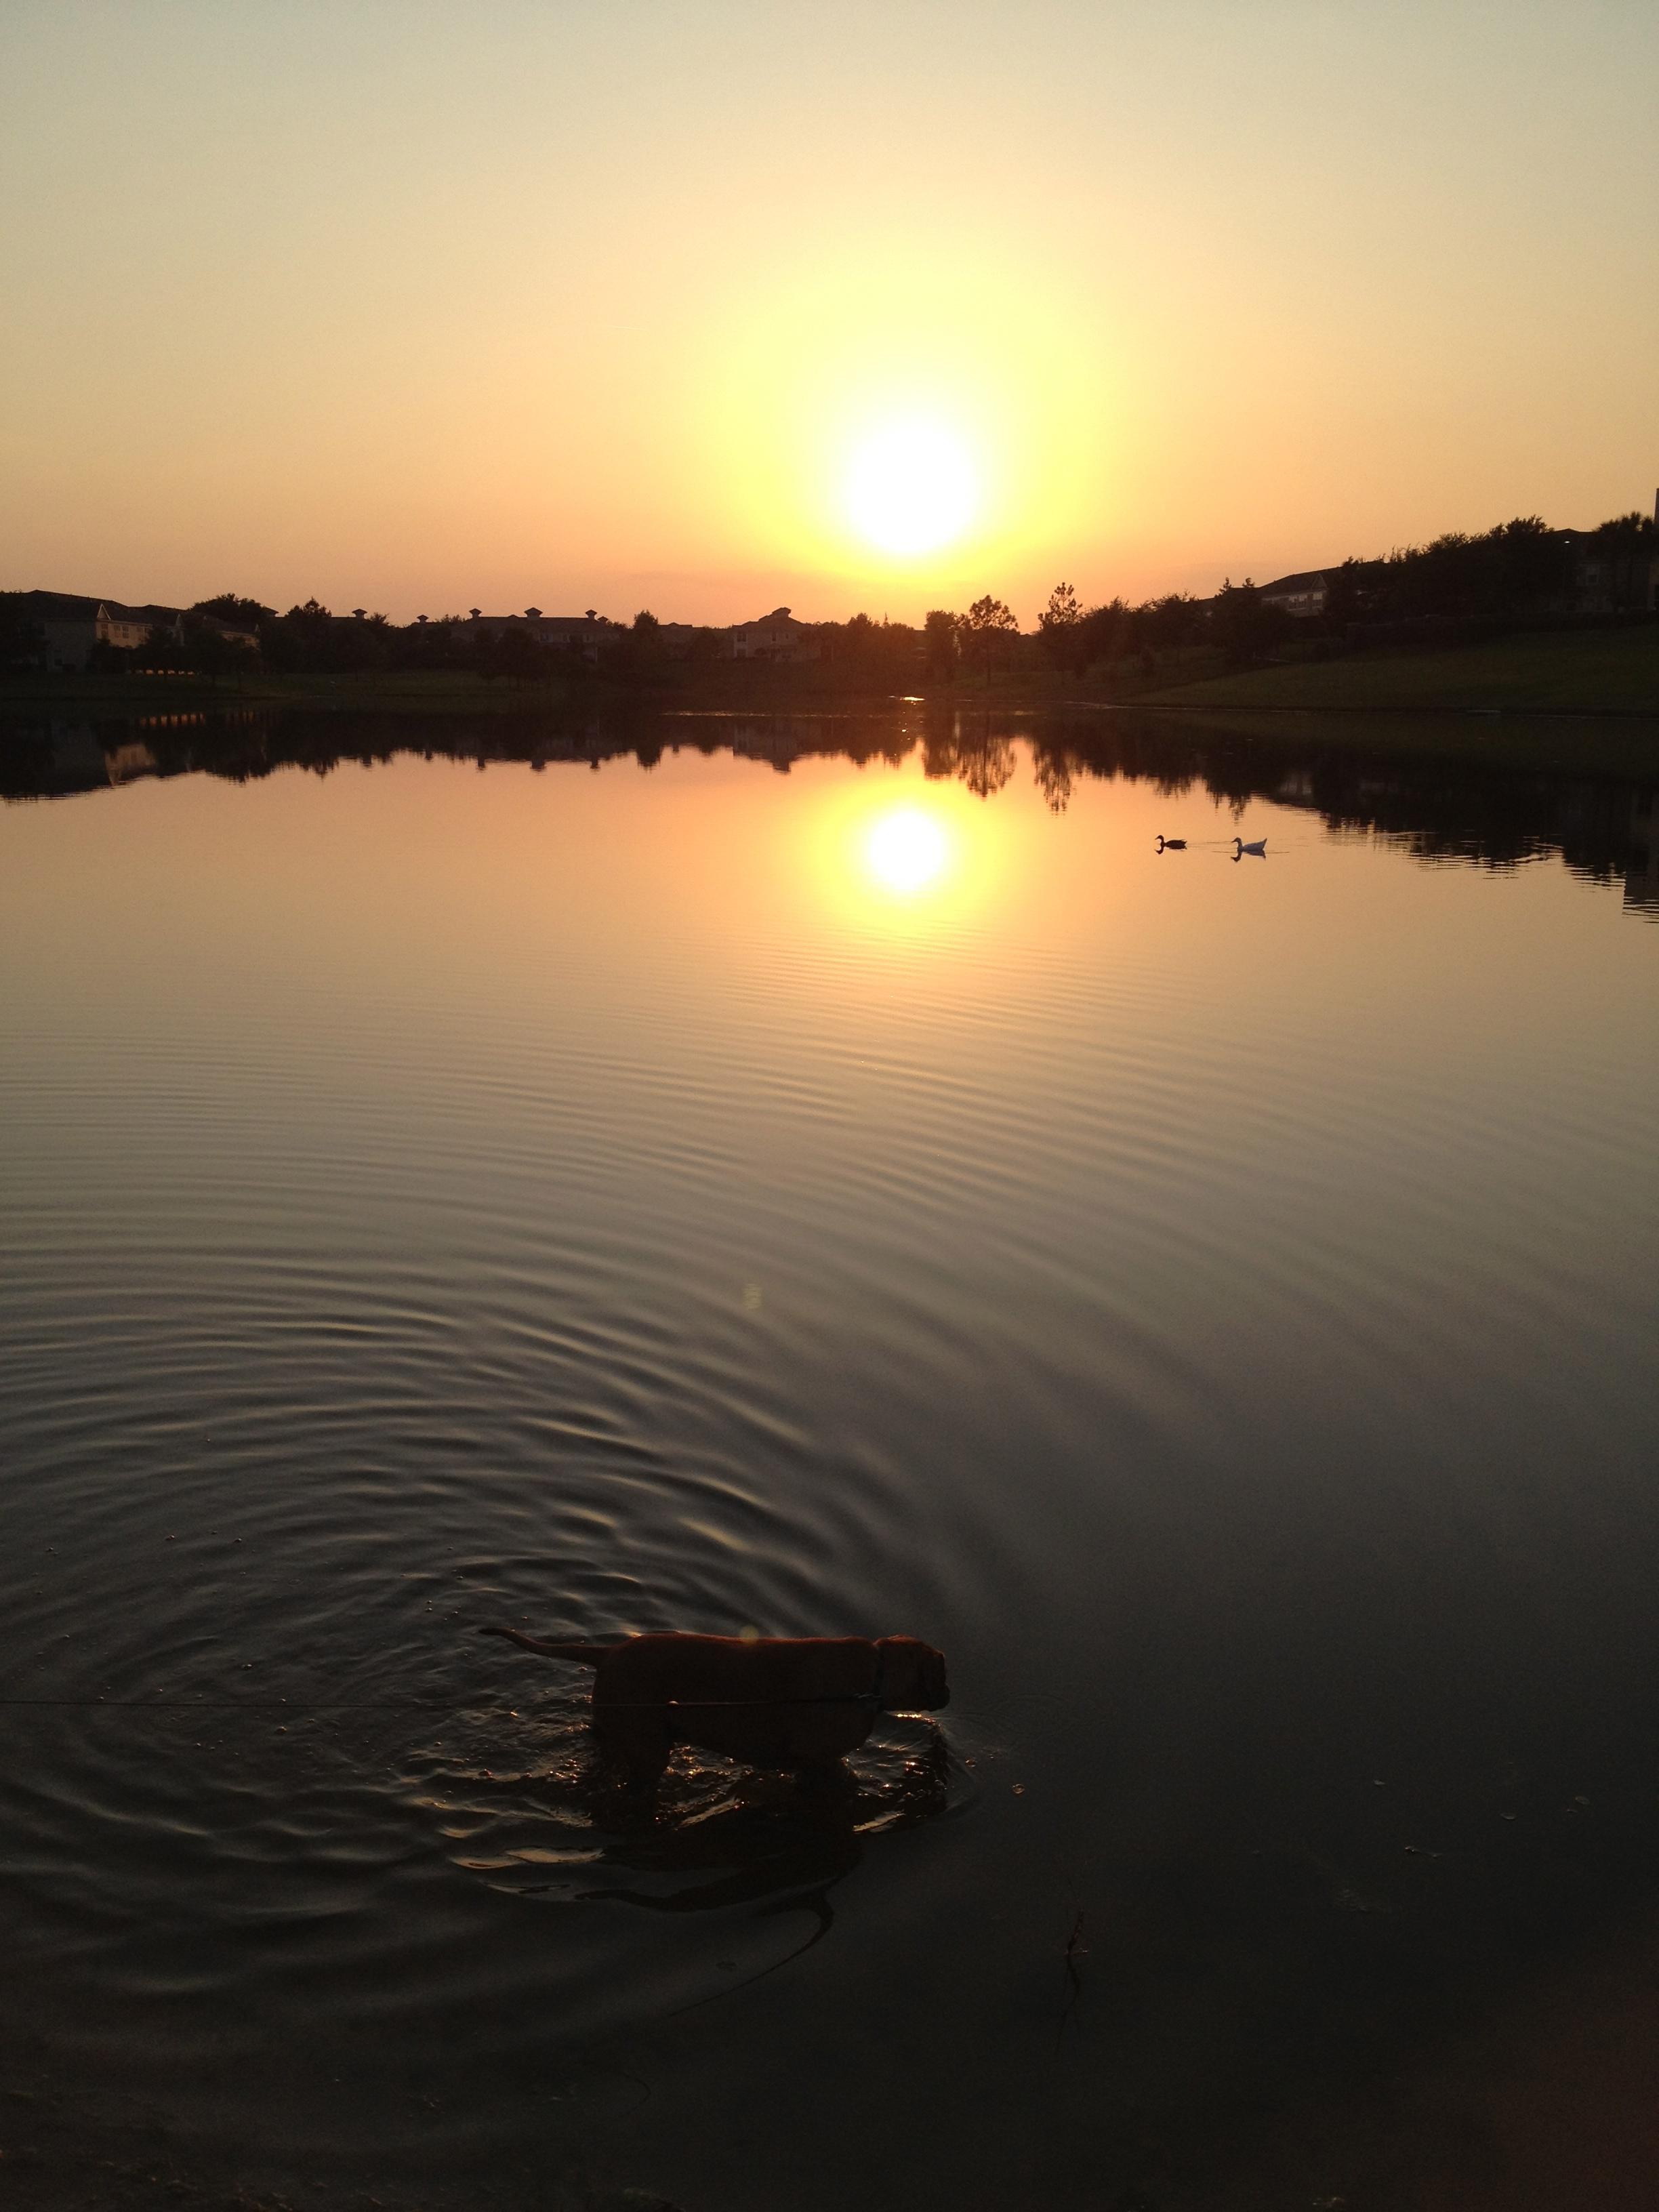 Roadie in the lake